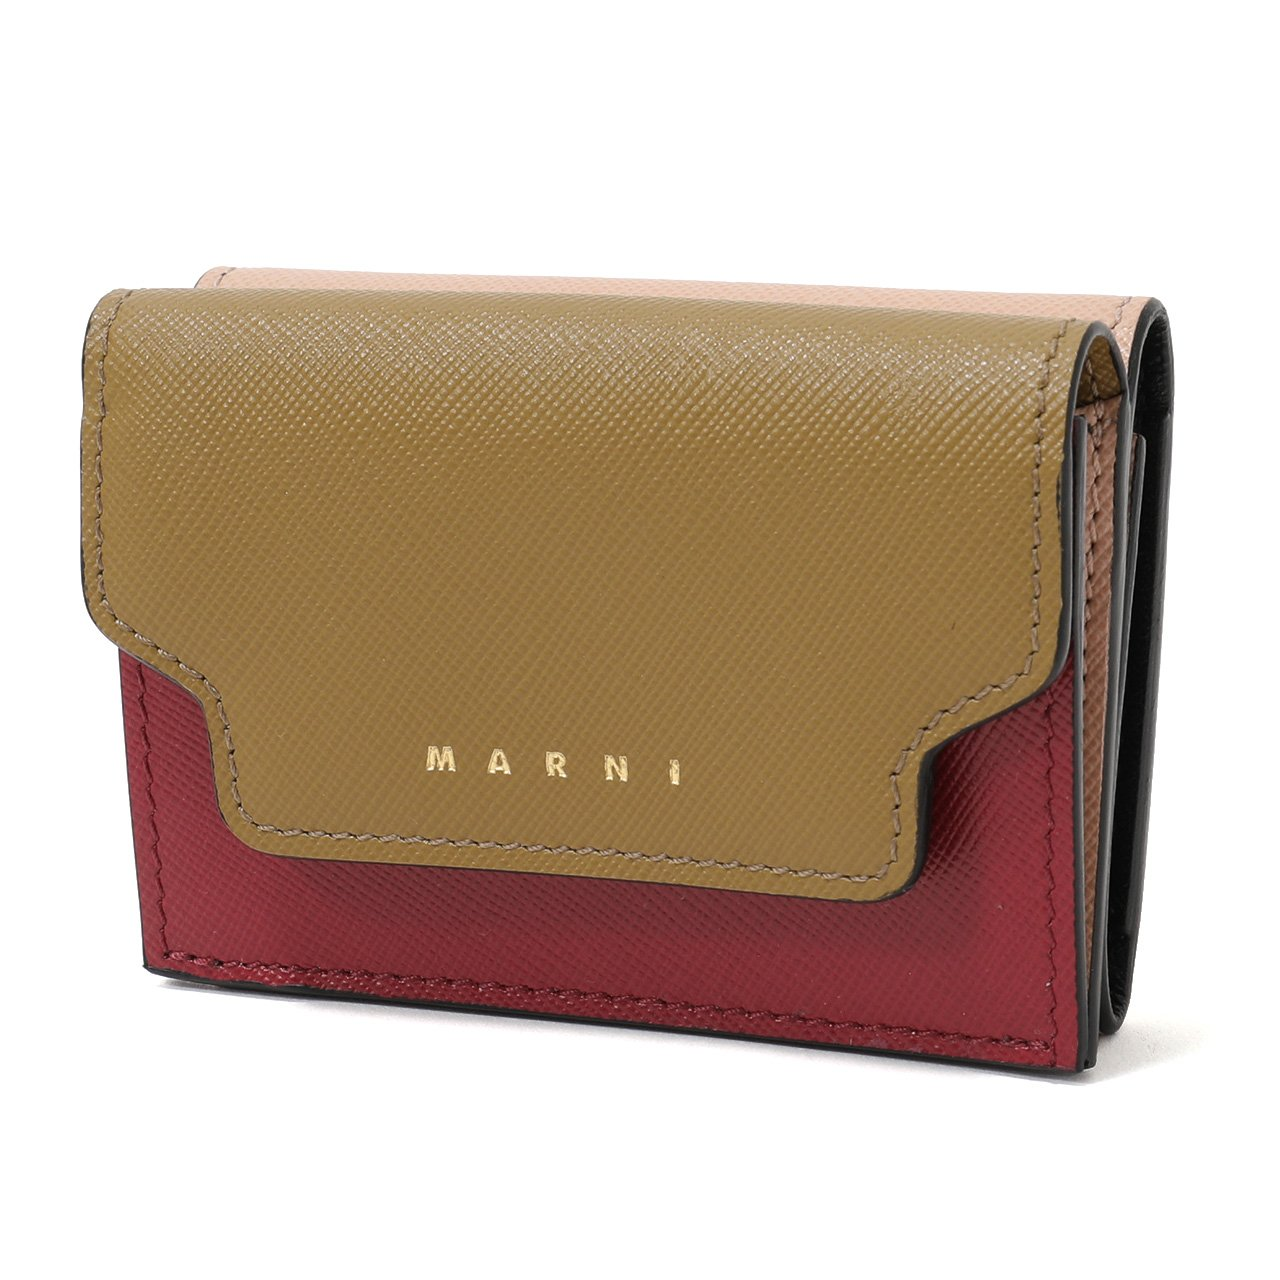 MARNI マルニ PFMOW02U09 LV520 レザー 三つ折り財布 ミニ財布 スモール 豆財布 カラーZ105N/THYME+CHERRY+PINKSAND [並行輸入品] B07CMWKY5G